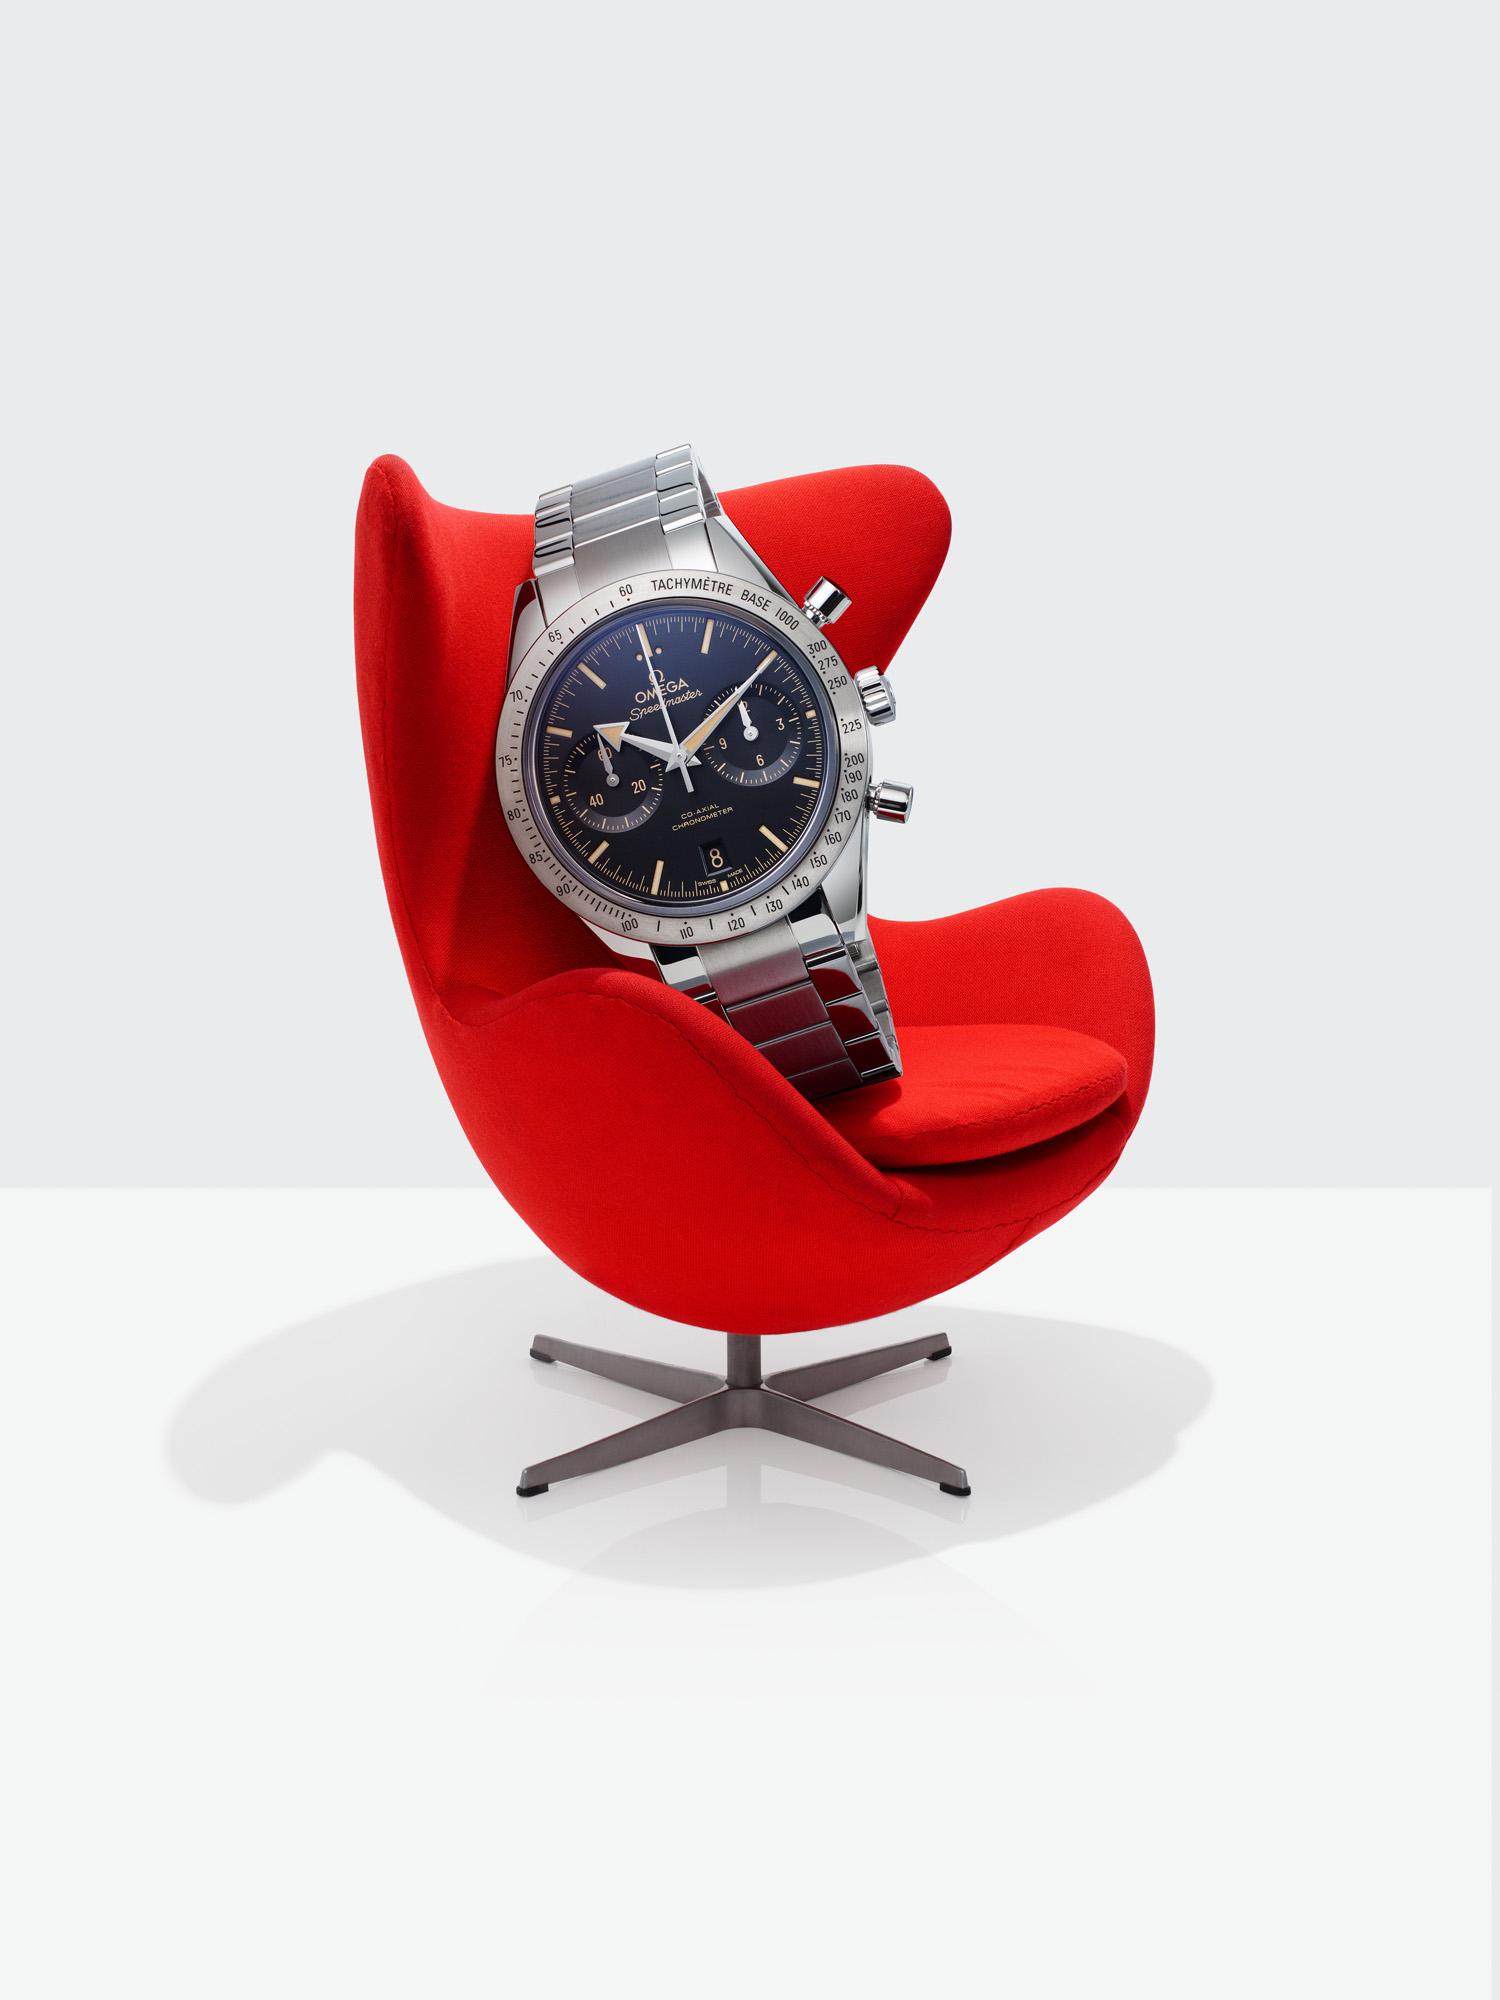 20150825 Egg Chair-43286 inside hero.jpg